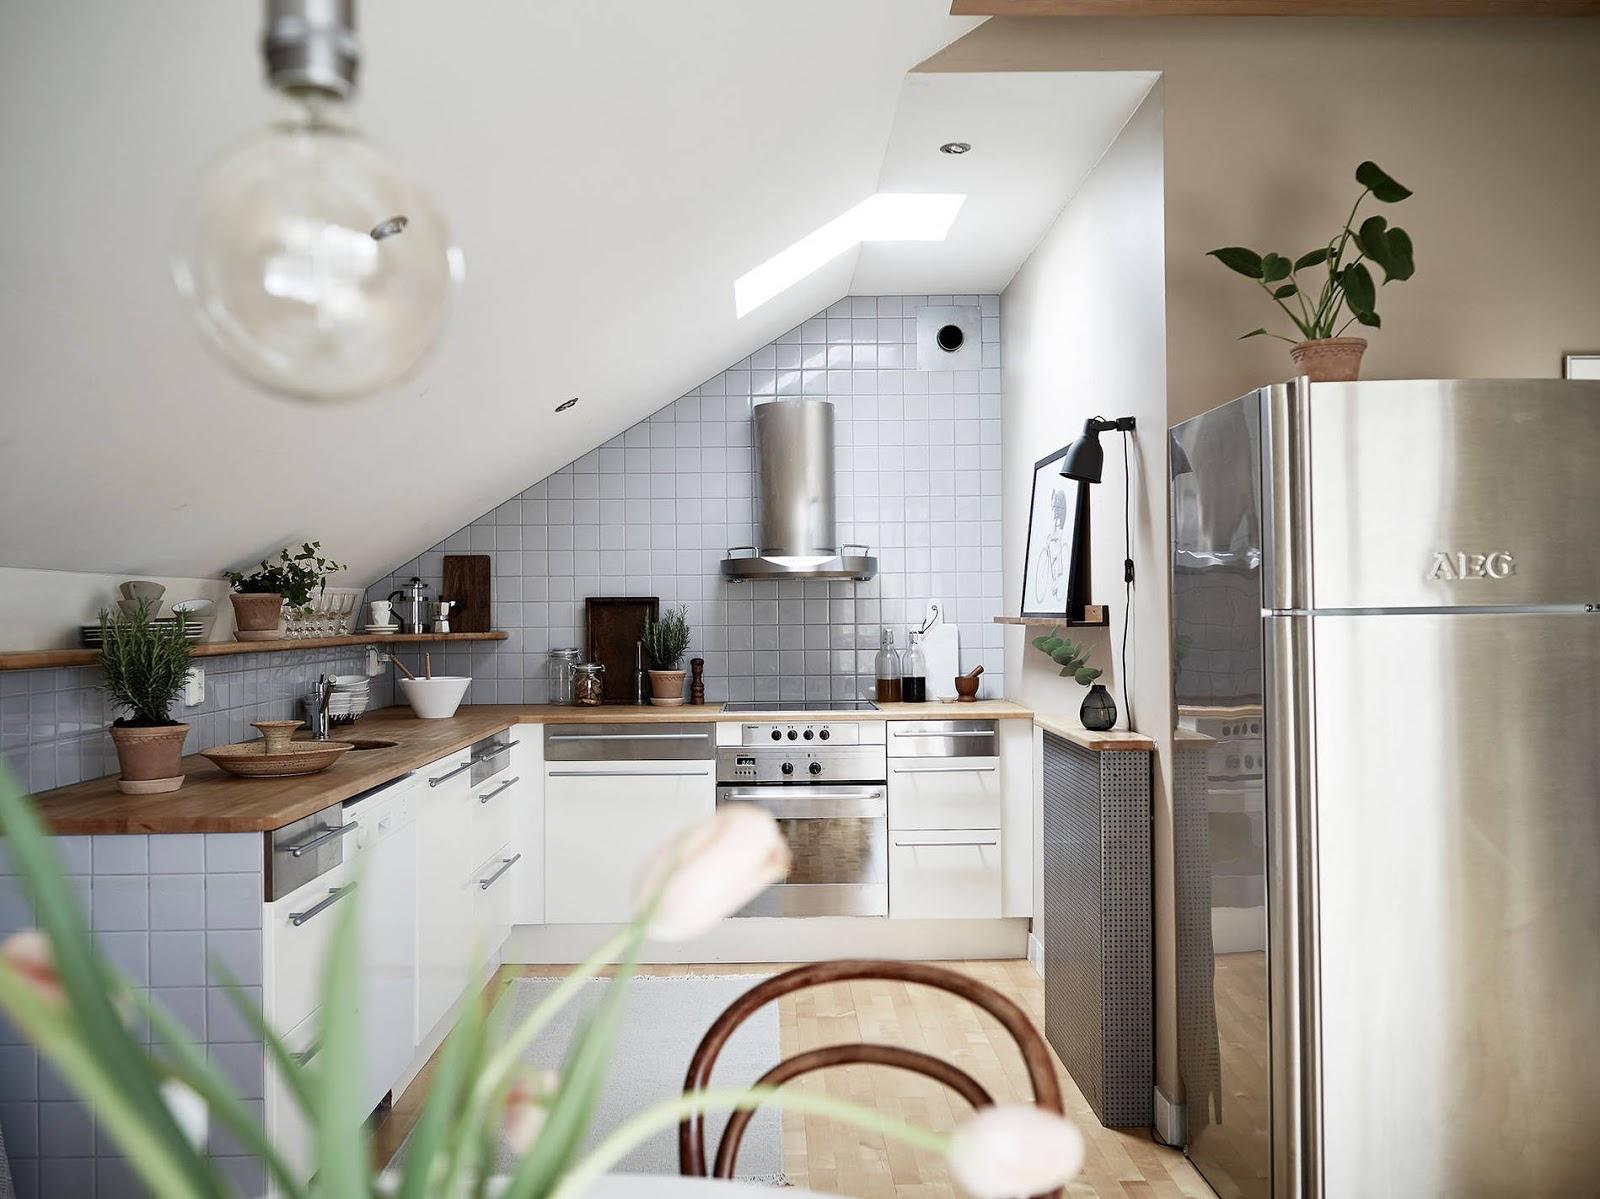 kuchnia w stylu skandynawskim, skośne ściany w kuchni, półki zamiast szafek w kuchni, biała kuchnia